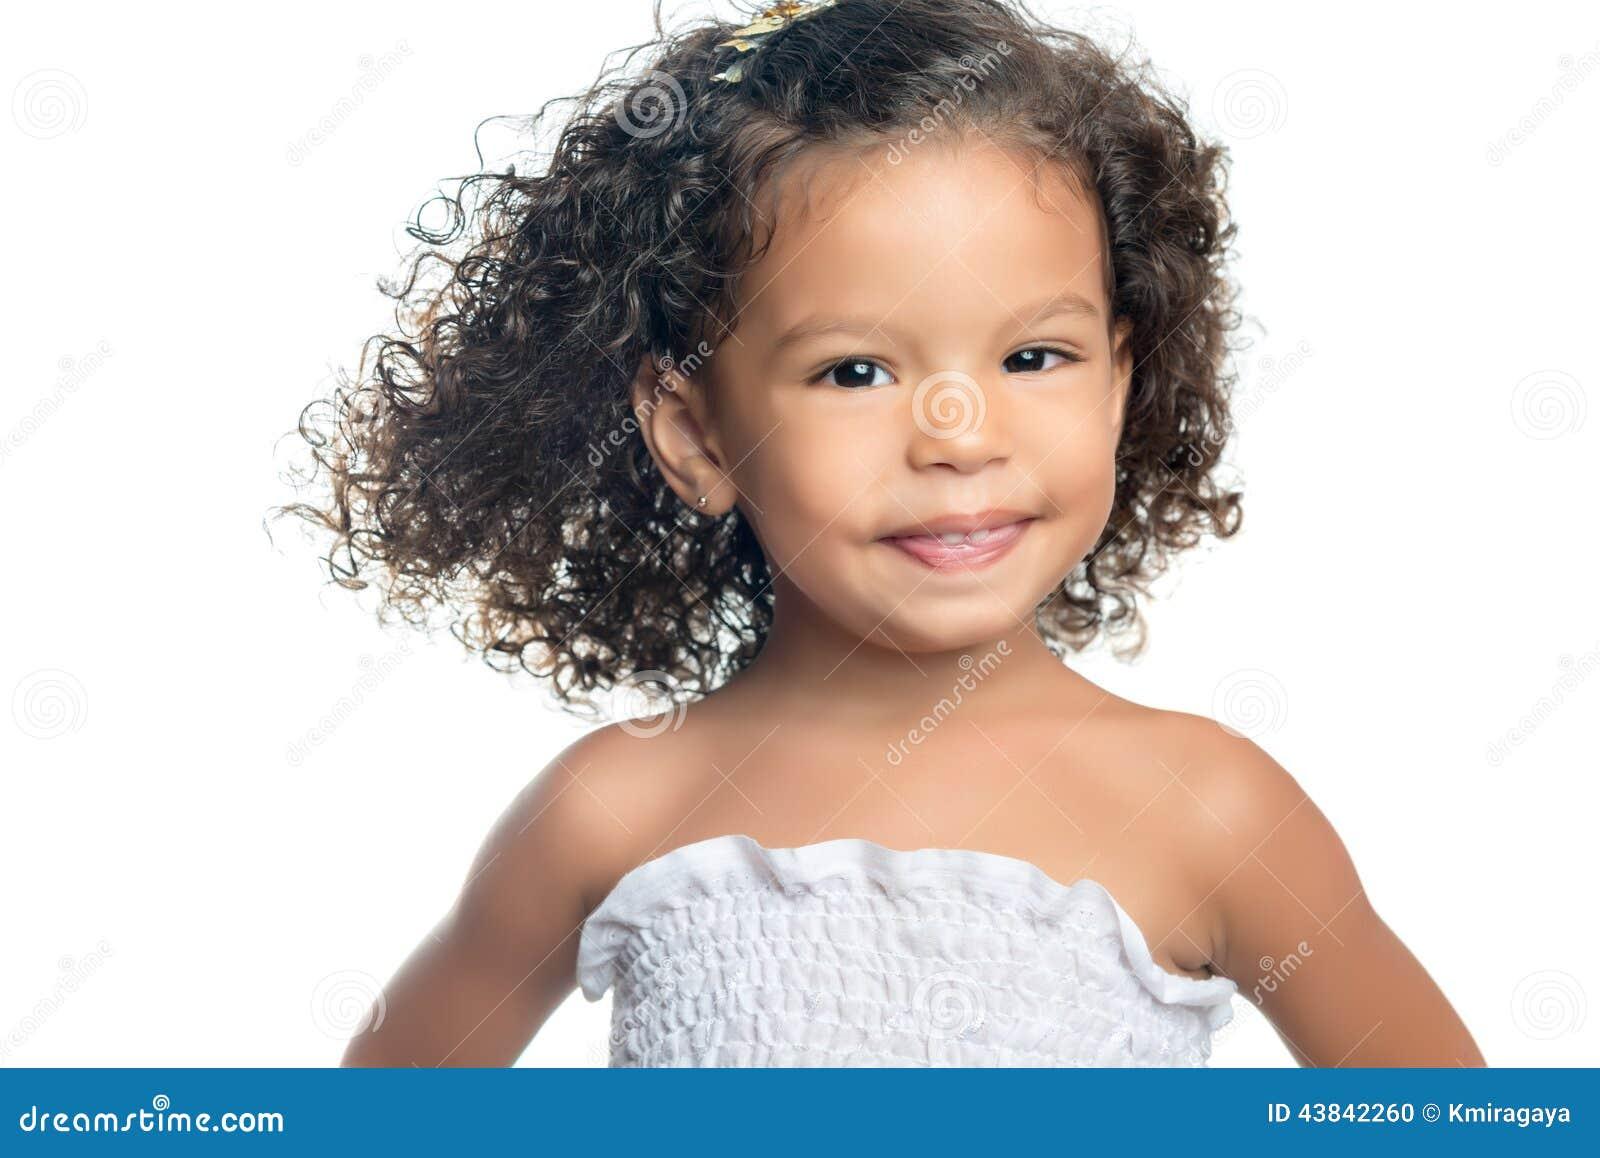 Acconciature capelli afro bambina